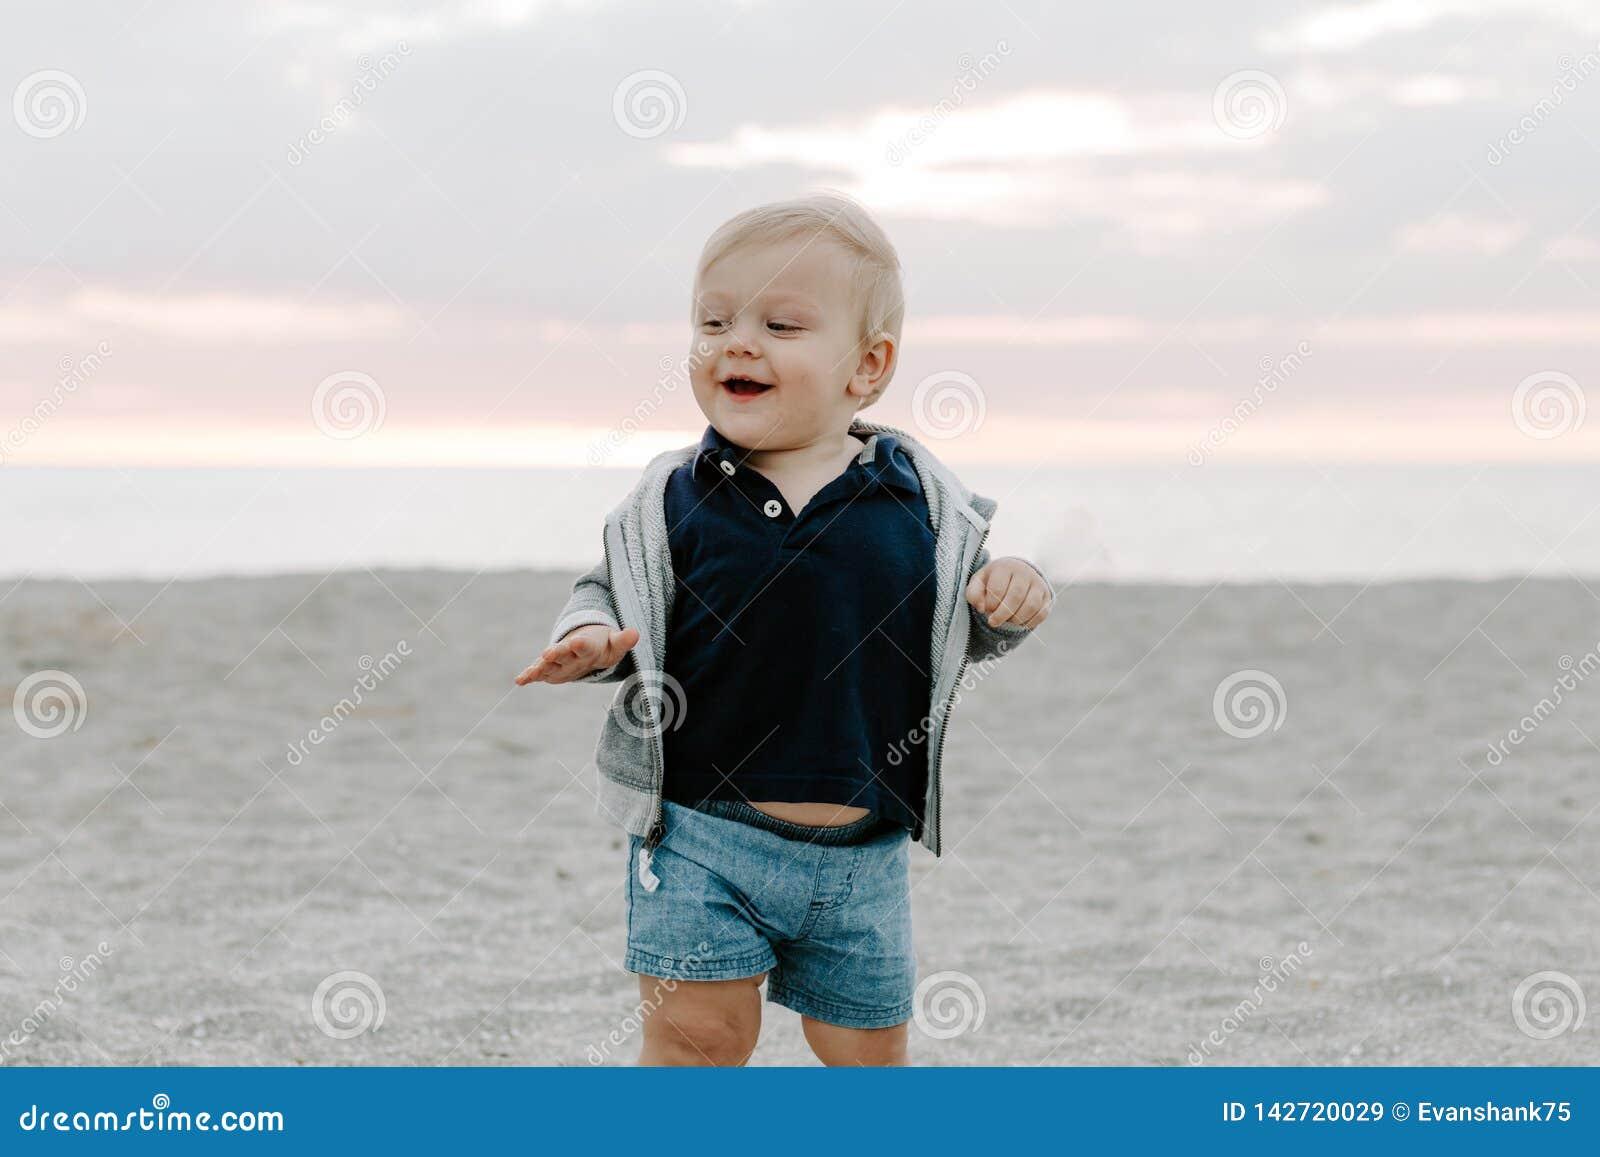 Portret Śliczny Mały chłopiec dziecko Bawić się i Bada w piasku przy plażą Podczas zmierzchu Outside na wakacje w Hoodie